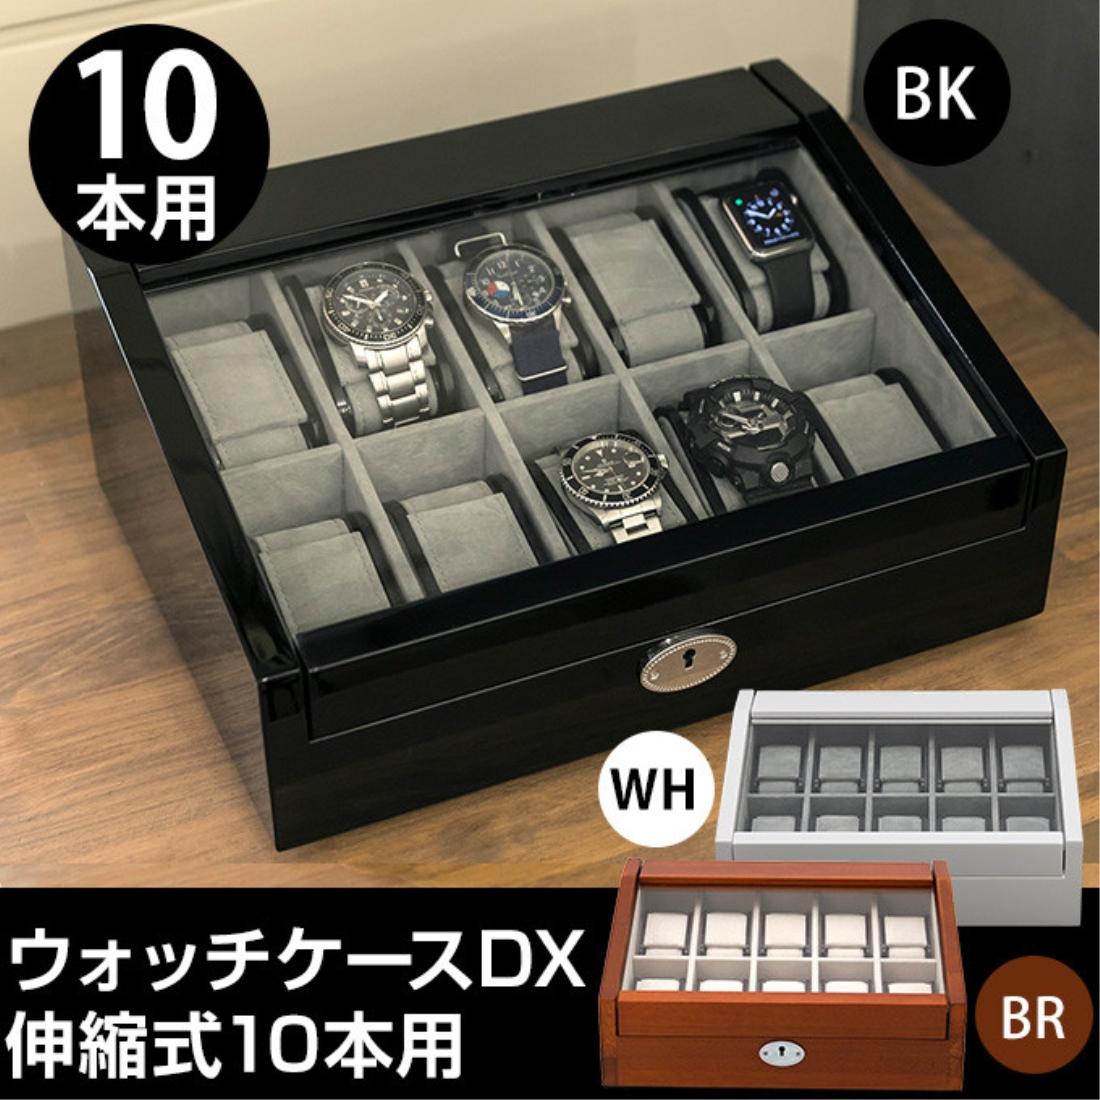 インテリア 家具 時計 腕時計 ケース ボックス 収納 ウォッチケースDX伸縮式 10本用